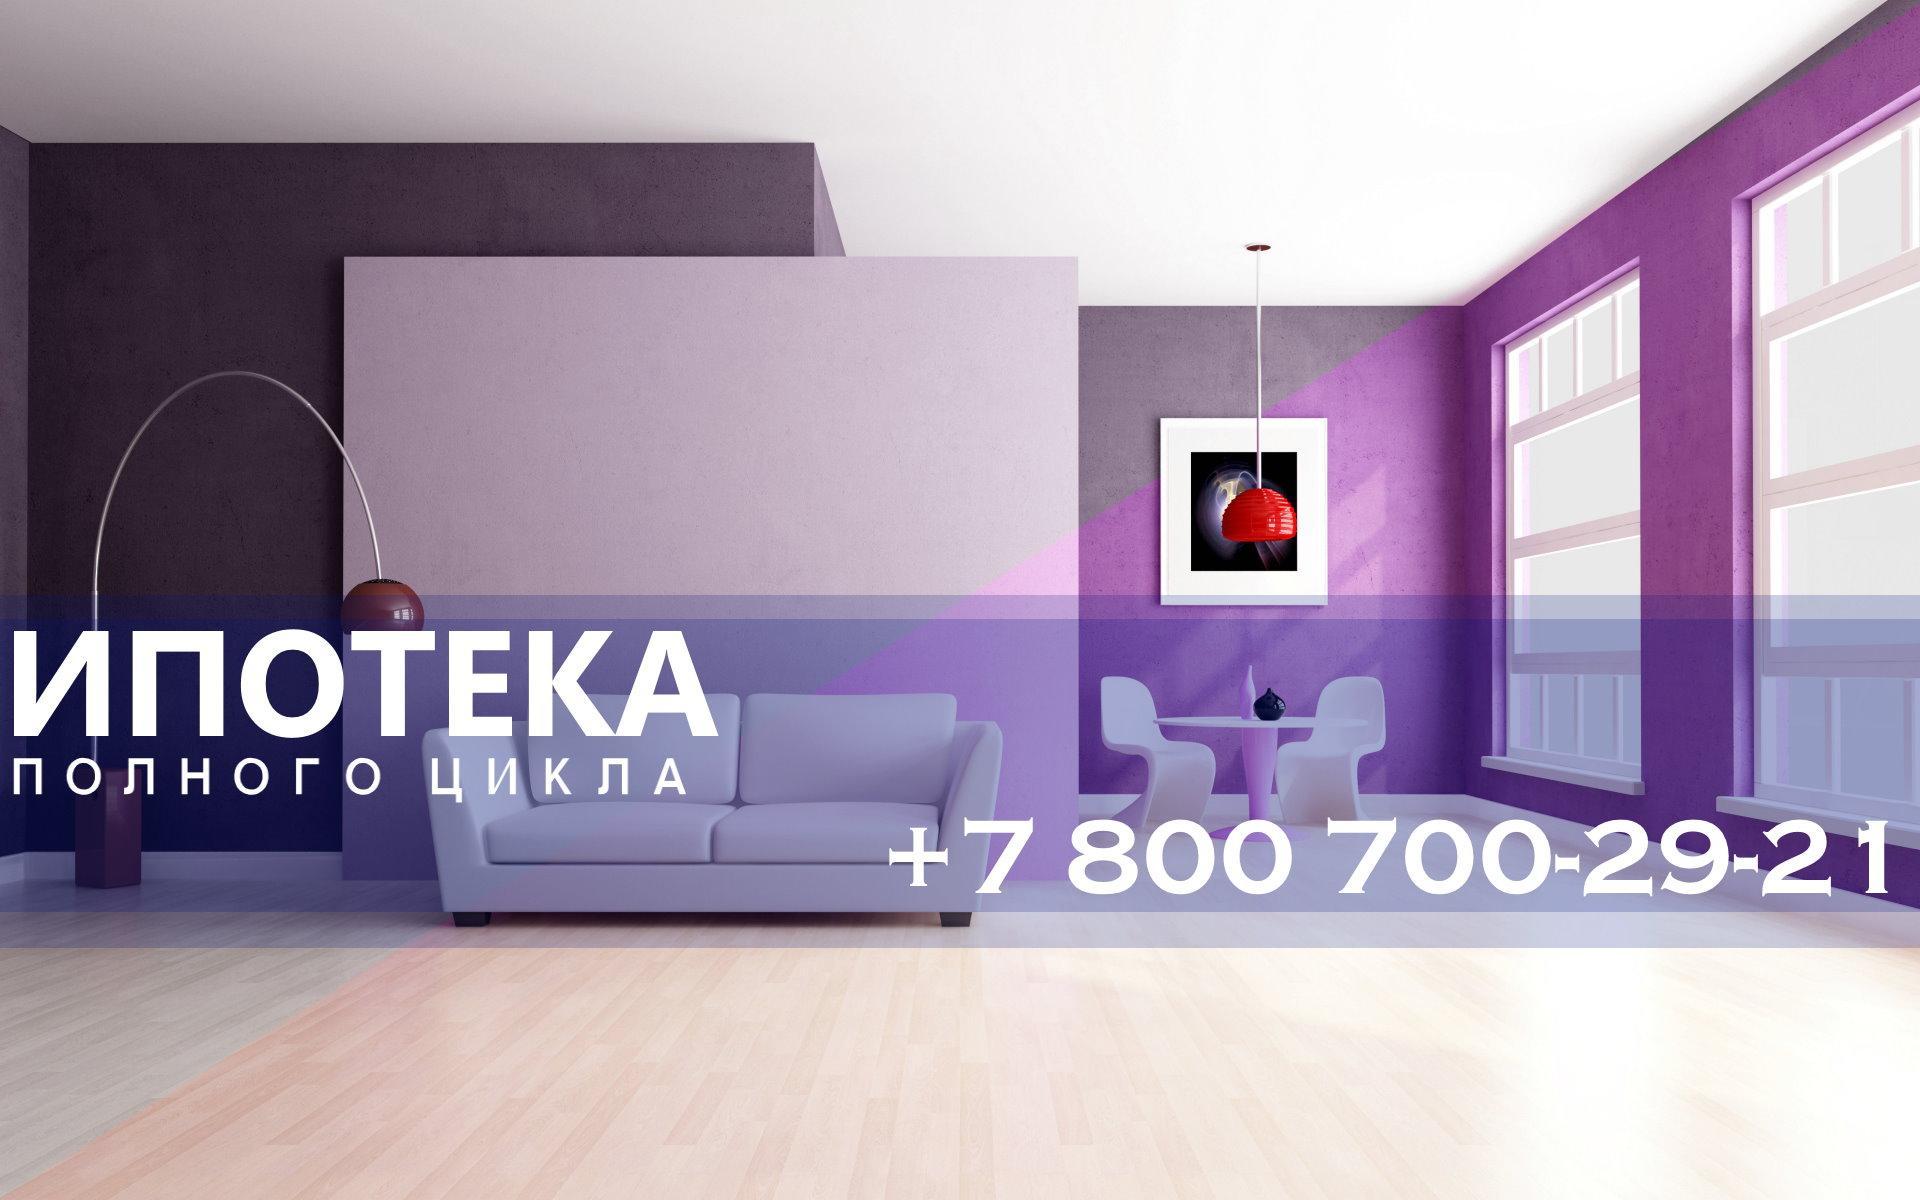 Взять ипотечный кредит на ремонт дома 1500000 в кредит под залог квартиры